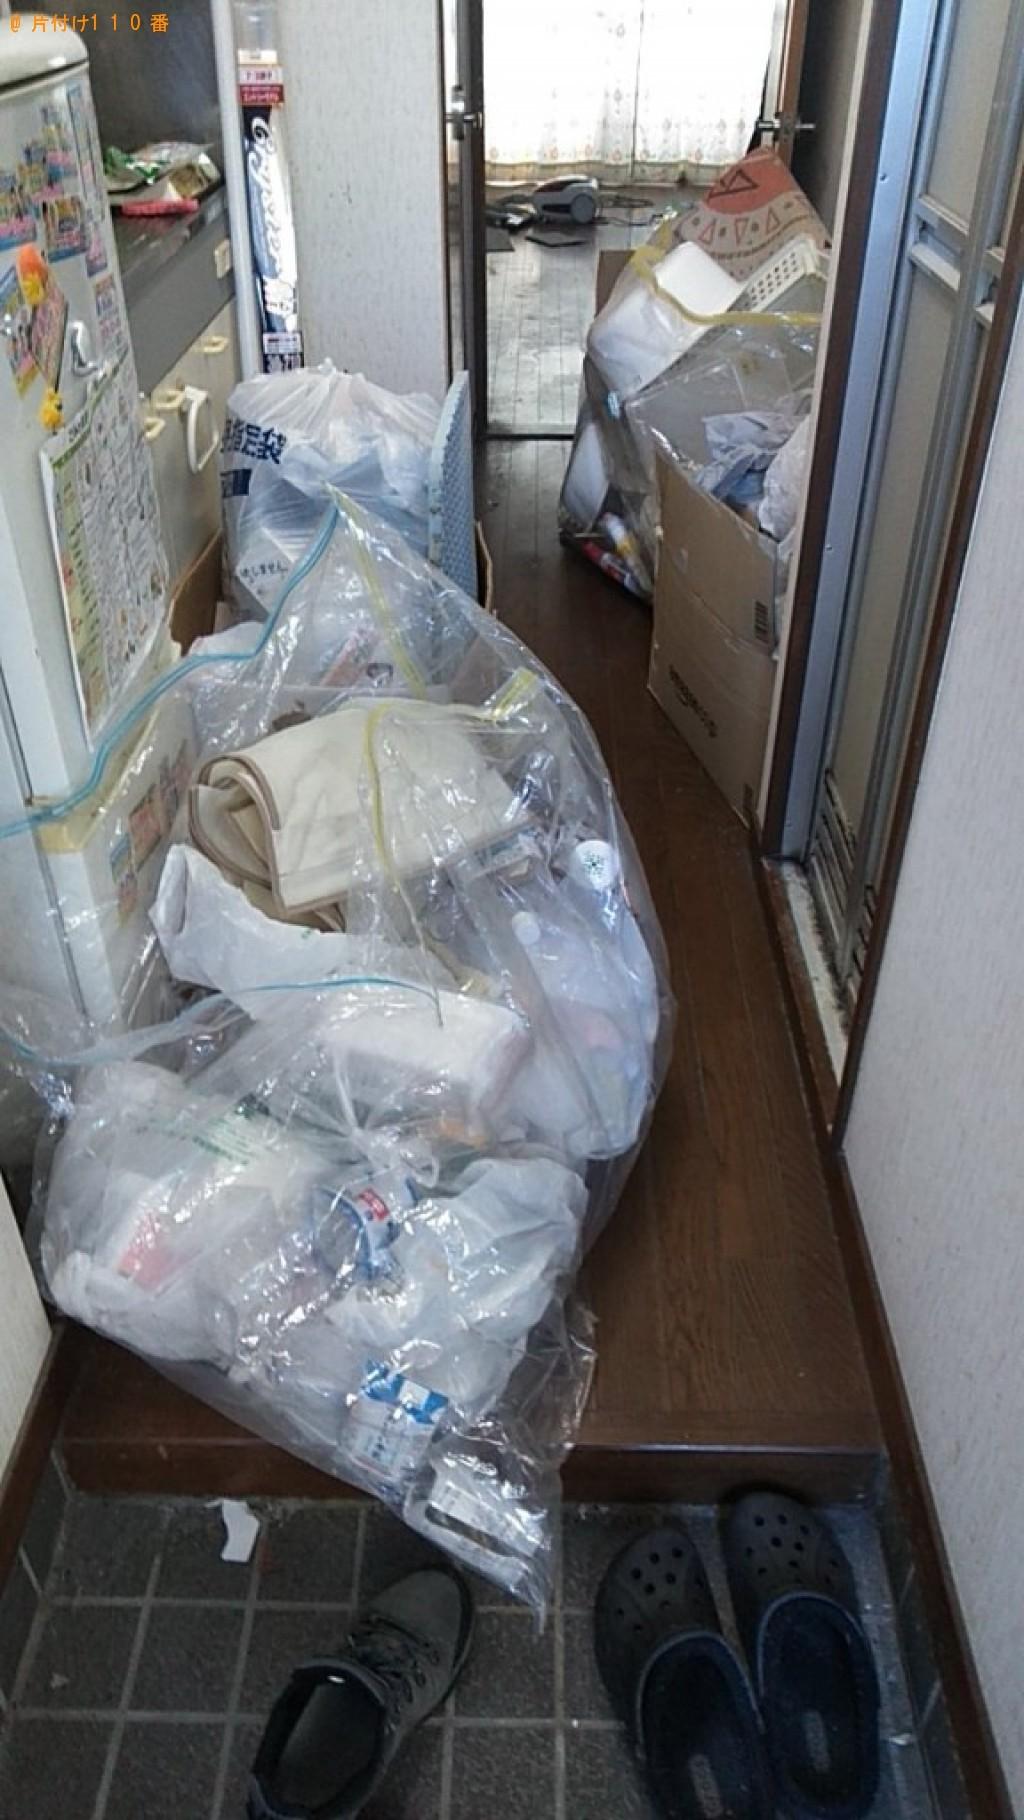 【伊予郡砥部町】室内物干し、釣り竿、長靴、一般ごみ等の回収・処分